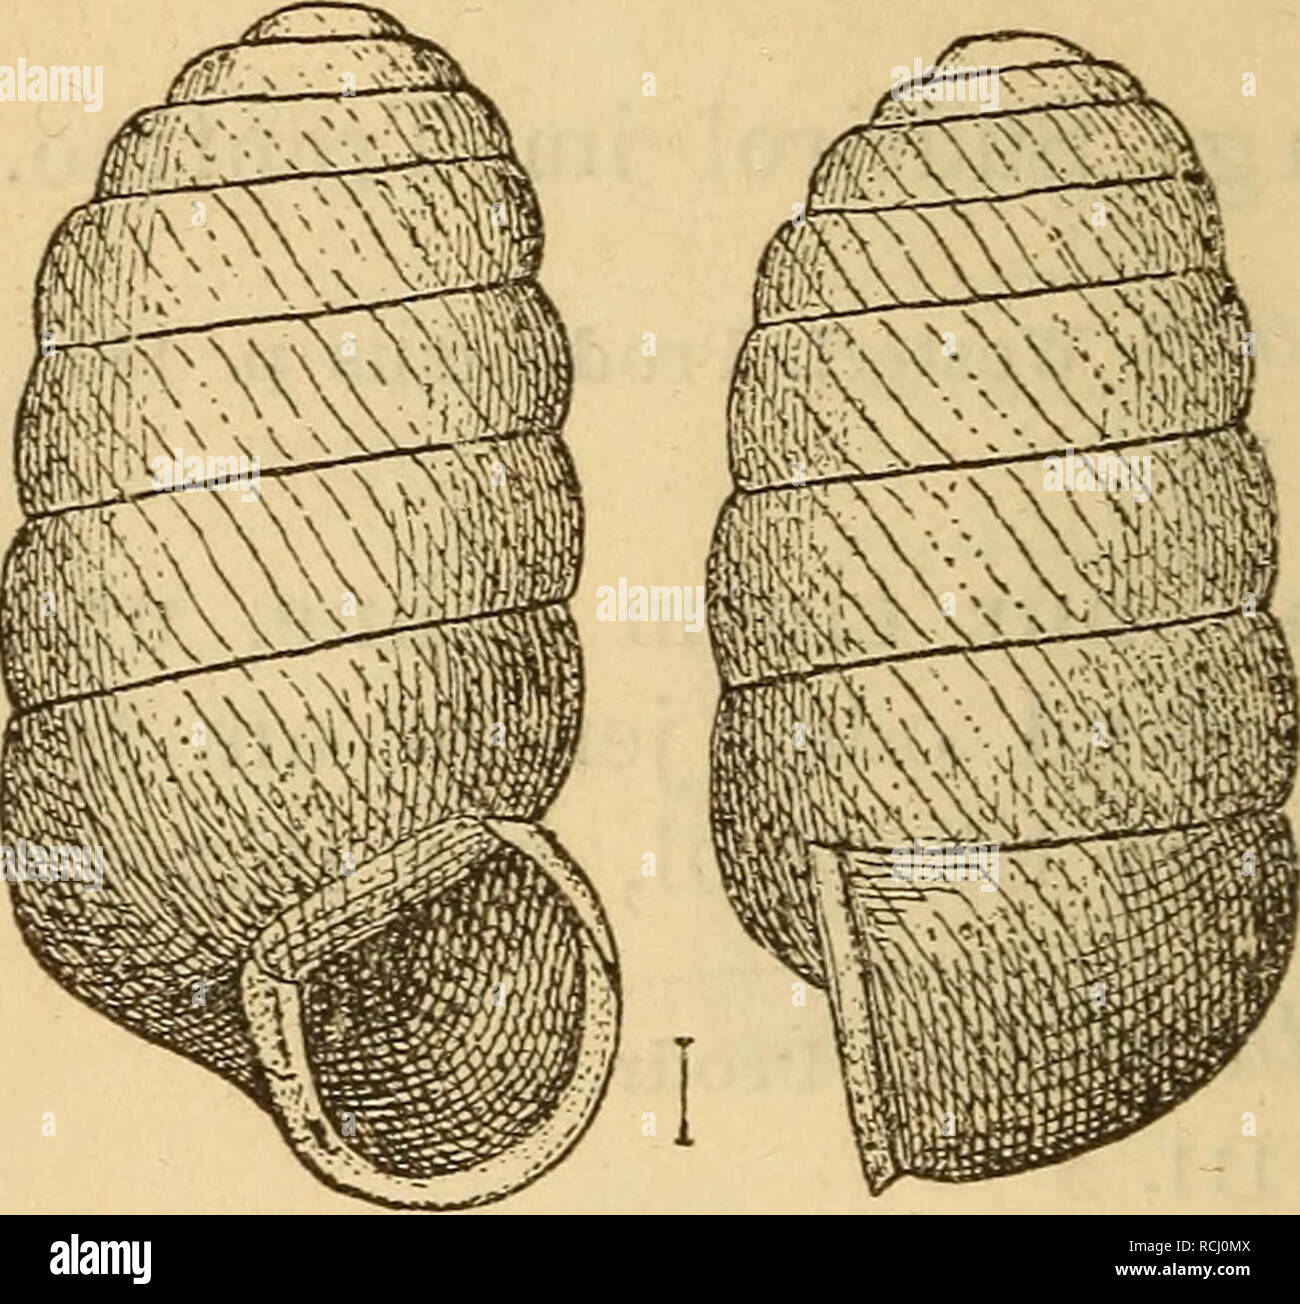 . Die Mollusken-Fauna Mitteleuropa's. Mollusks. 260 4. Pupilla madicla Gredler r^-^upa muscorum var. madida Gredler Tirol p. 113. — — — — Westerlund Prodr. 182. — Halleriana Jeffreys 1855 ? — alpicola Charpent. Moll. Suise p. 16 t. 2 f. 5. Thier: nicht beschrieben. Fig. 159.. P. madida. Gehäuse: fein geritzt, doch der Nabeltrichter weiter wie bei P. muscorum, walzenförmig, dünnschalig, mit stum- pfem Wirbel und 7 ziemlich gewölbten Umgängen, die durch eine tiefe Naht getrennt sind, der letzte ein Viertel der Gehäuselänge einnehmend, sehr fein gestreift; Nackenwulst fehlt, gleichfarbig, von bra Stock Photo